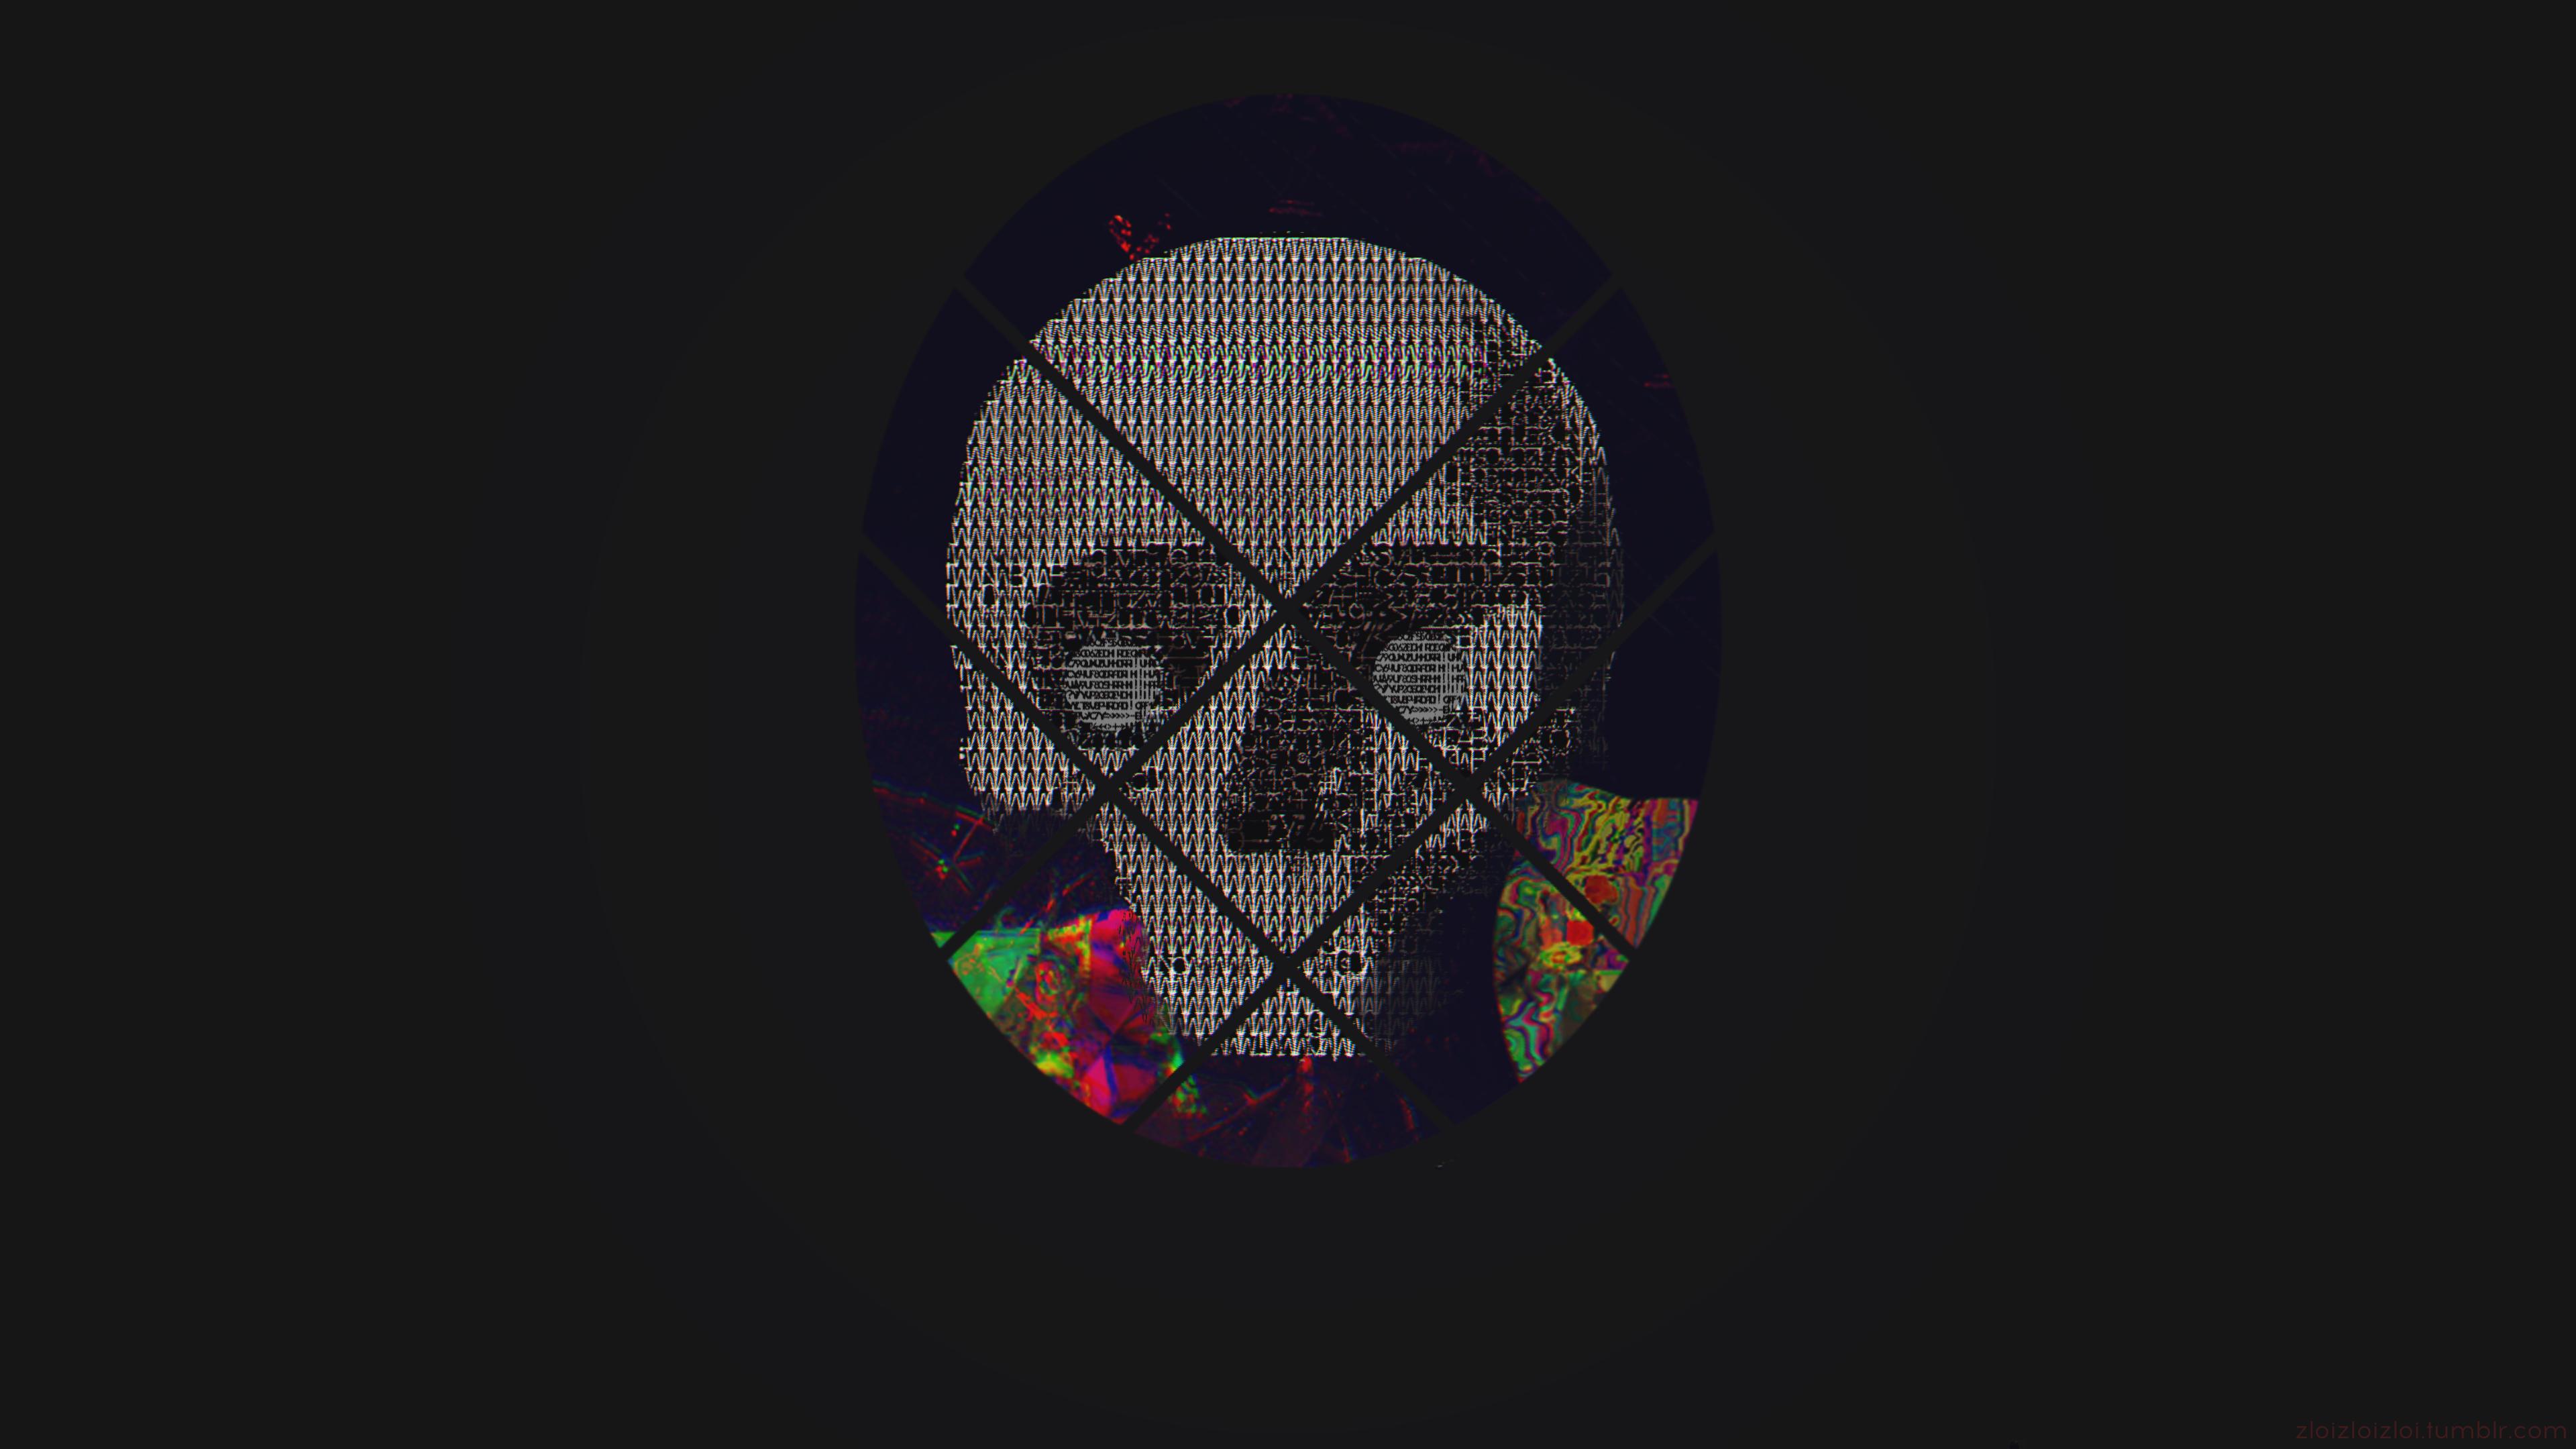 Wallpaper Skull Ascii Art Abstract Glitch Art 3840x2160